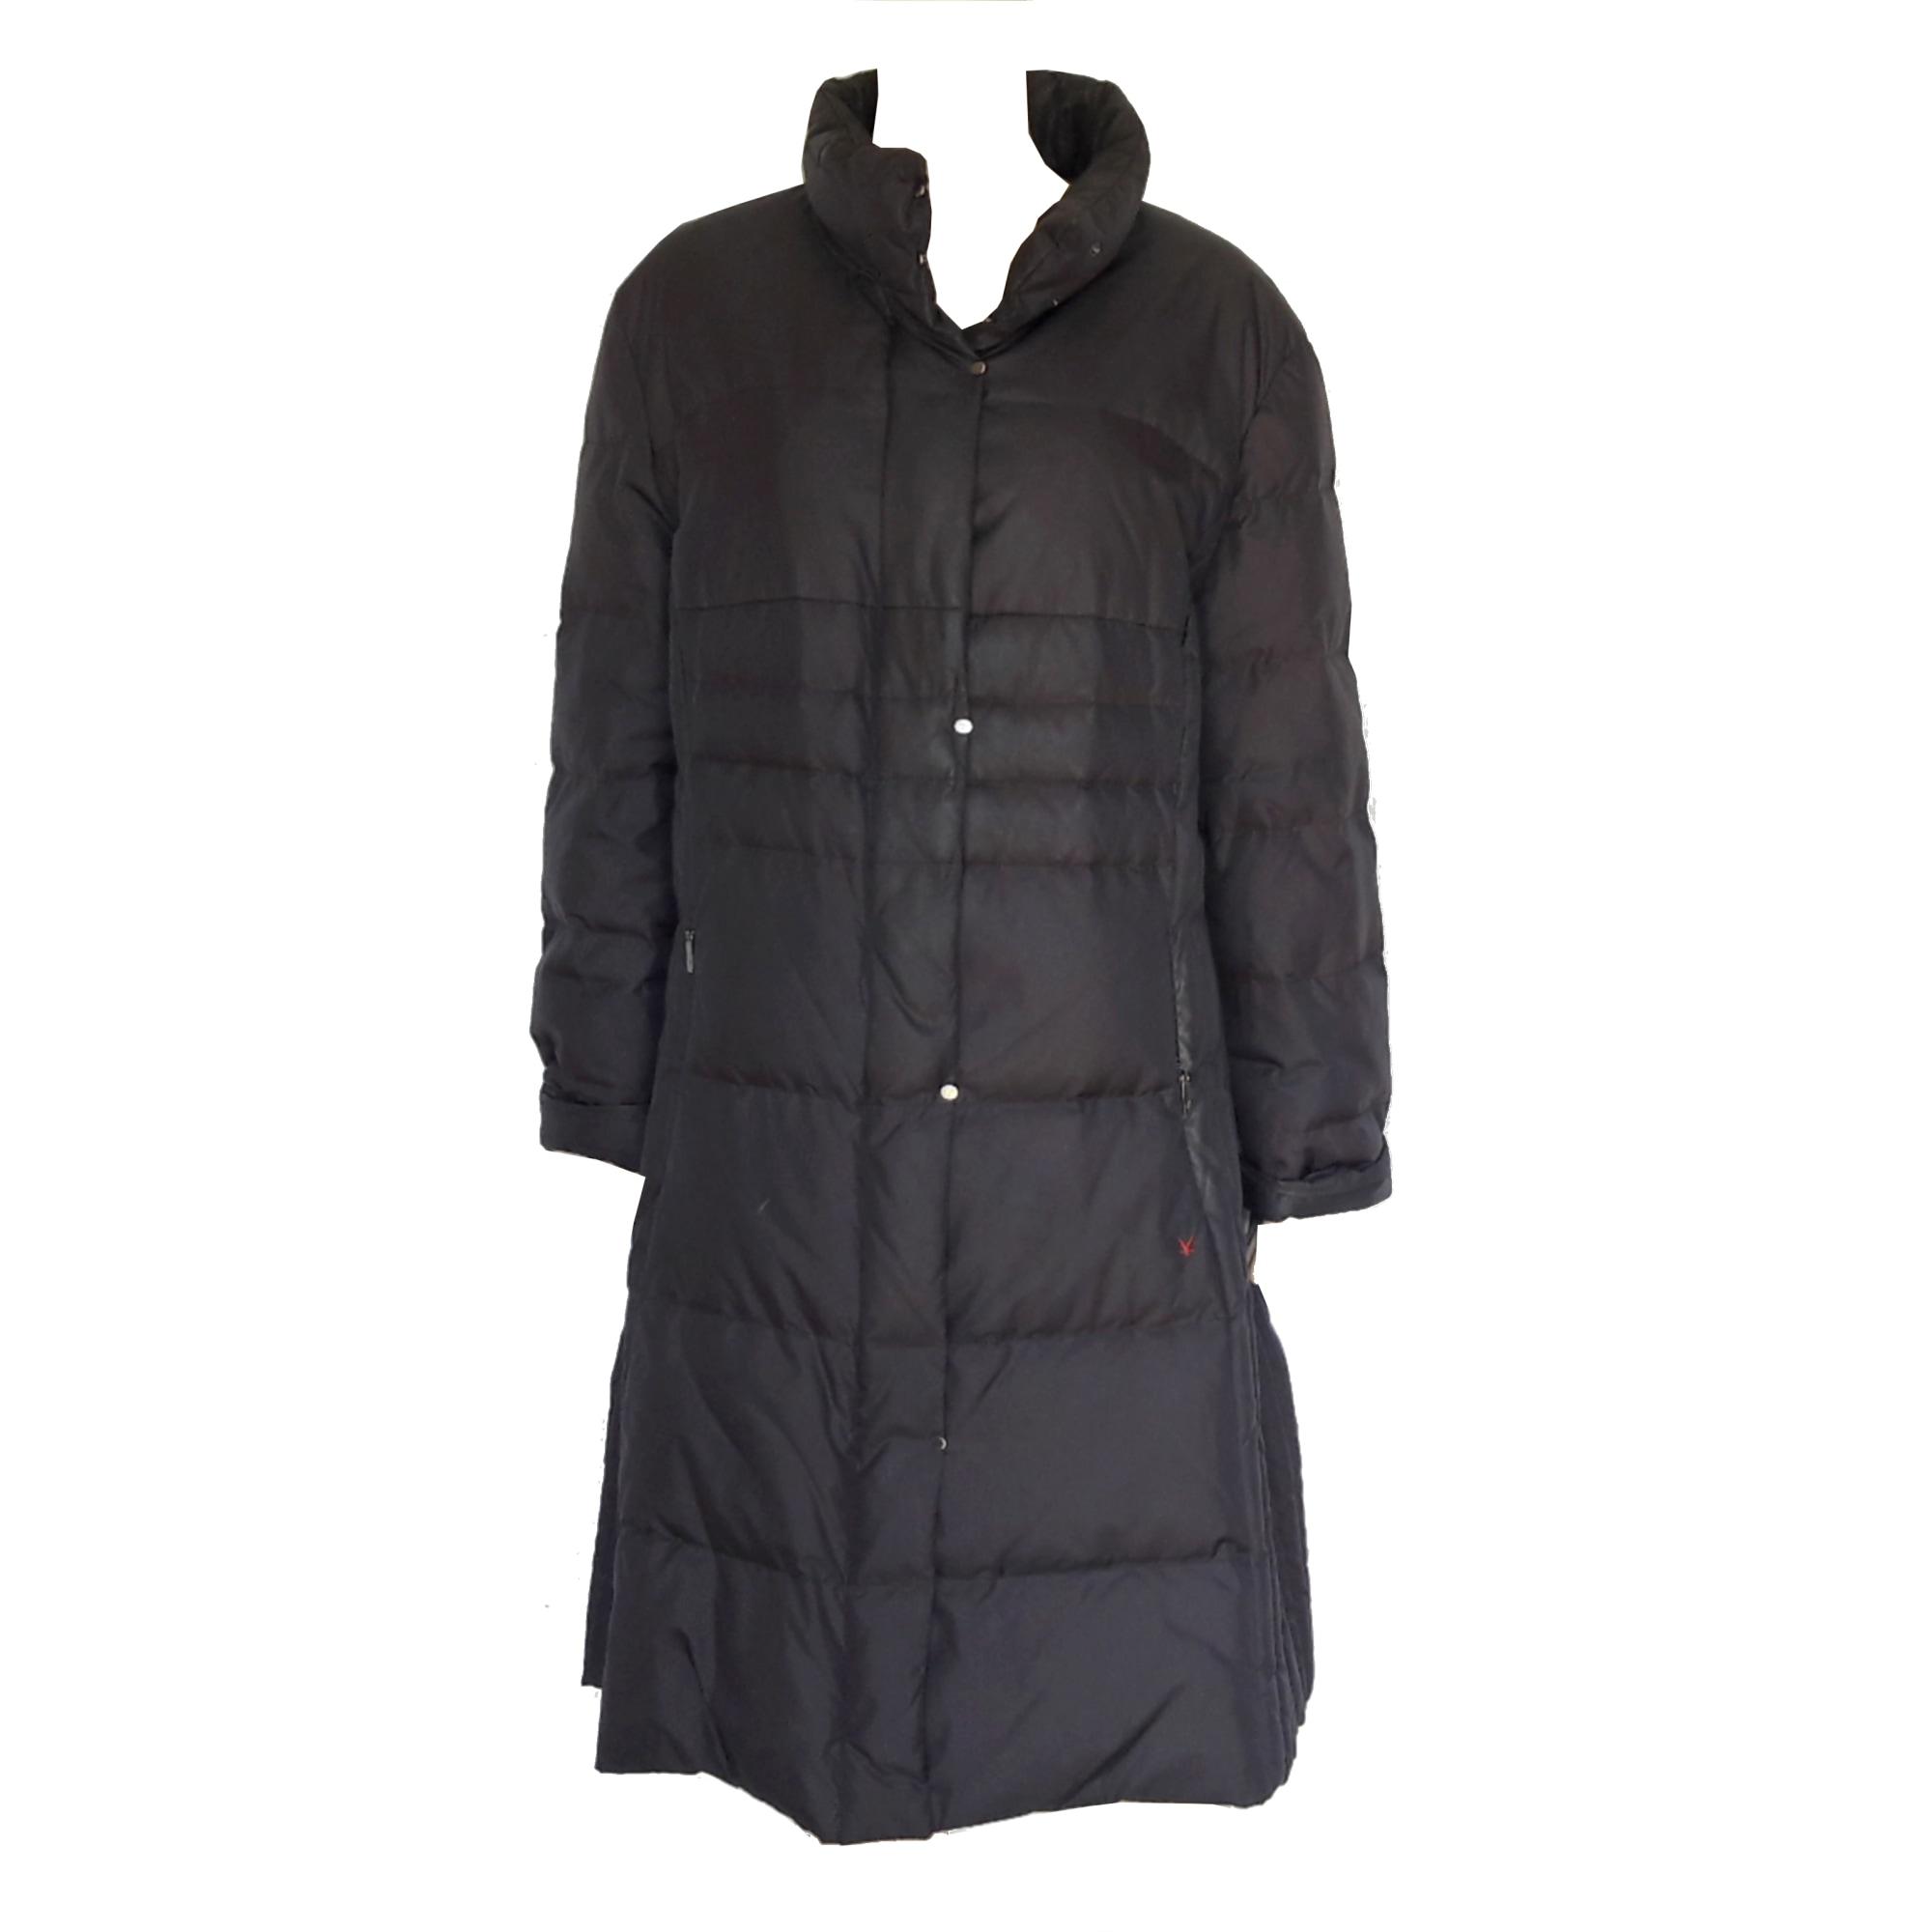 Doudoune Noir Dressing Cathy xxl Par Vendu 46 Schmitt Fuchs amp  nTqw4aP b983fbfa042